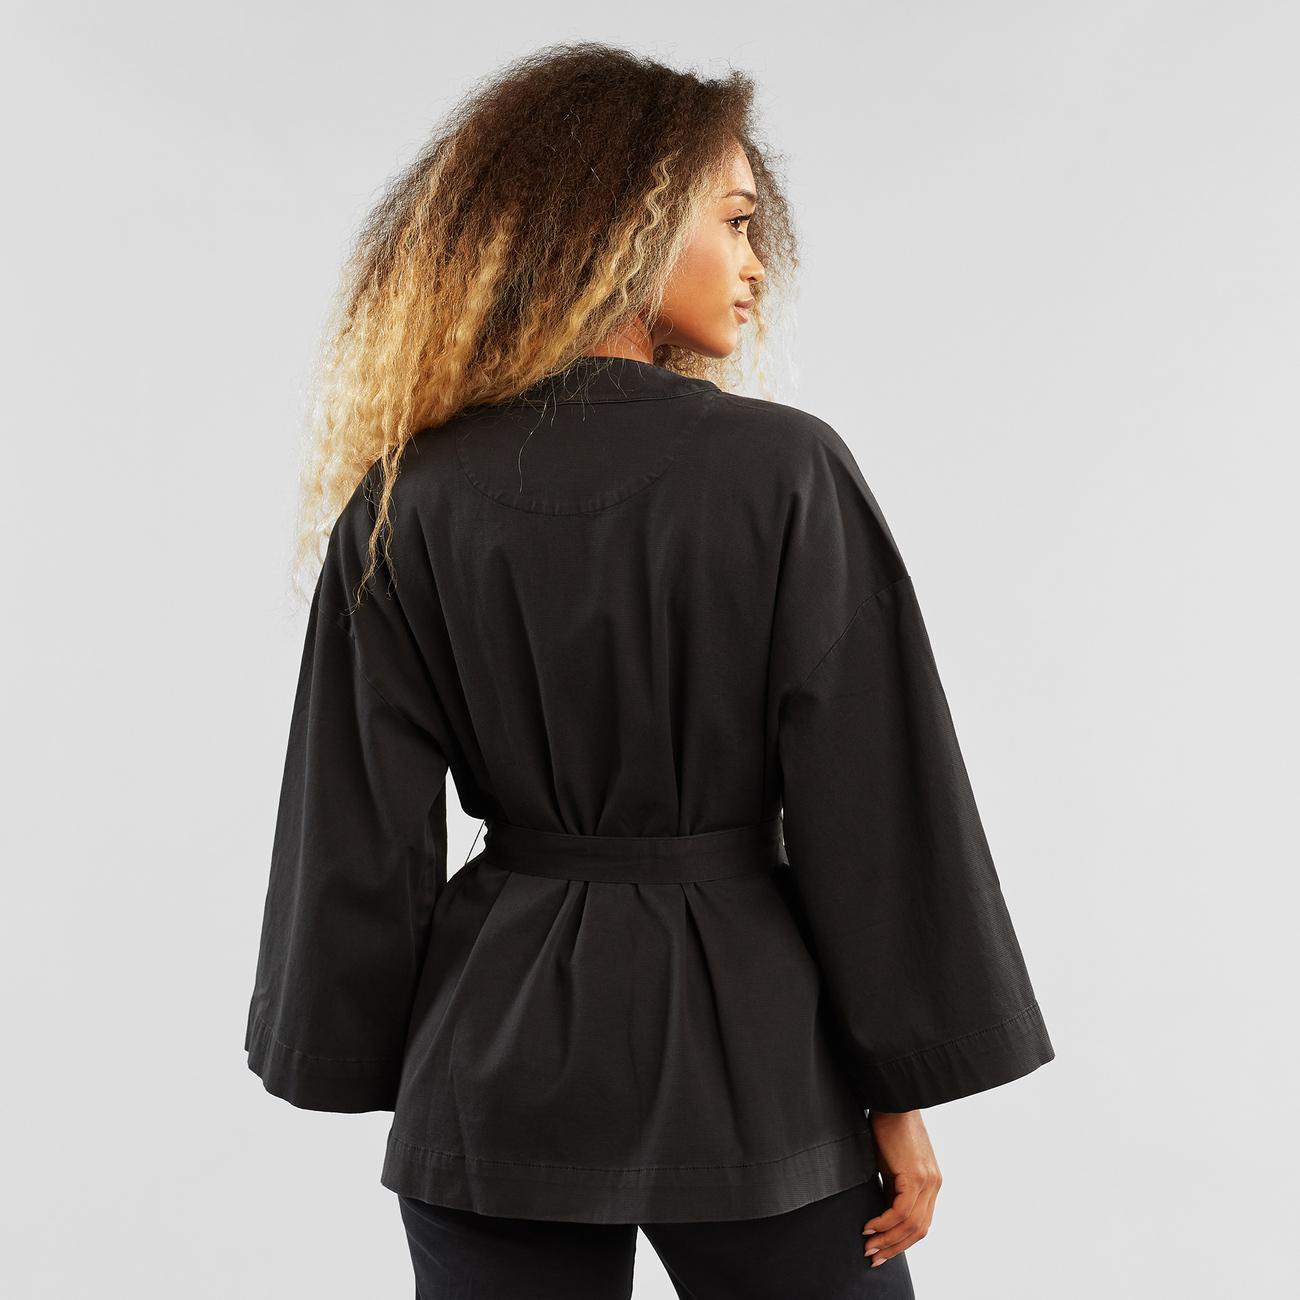 Kimono Allerum Black